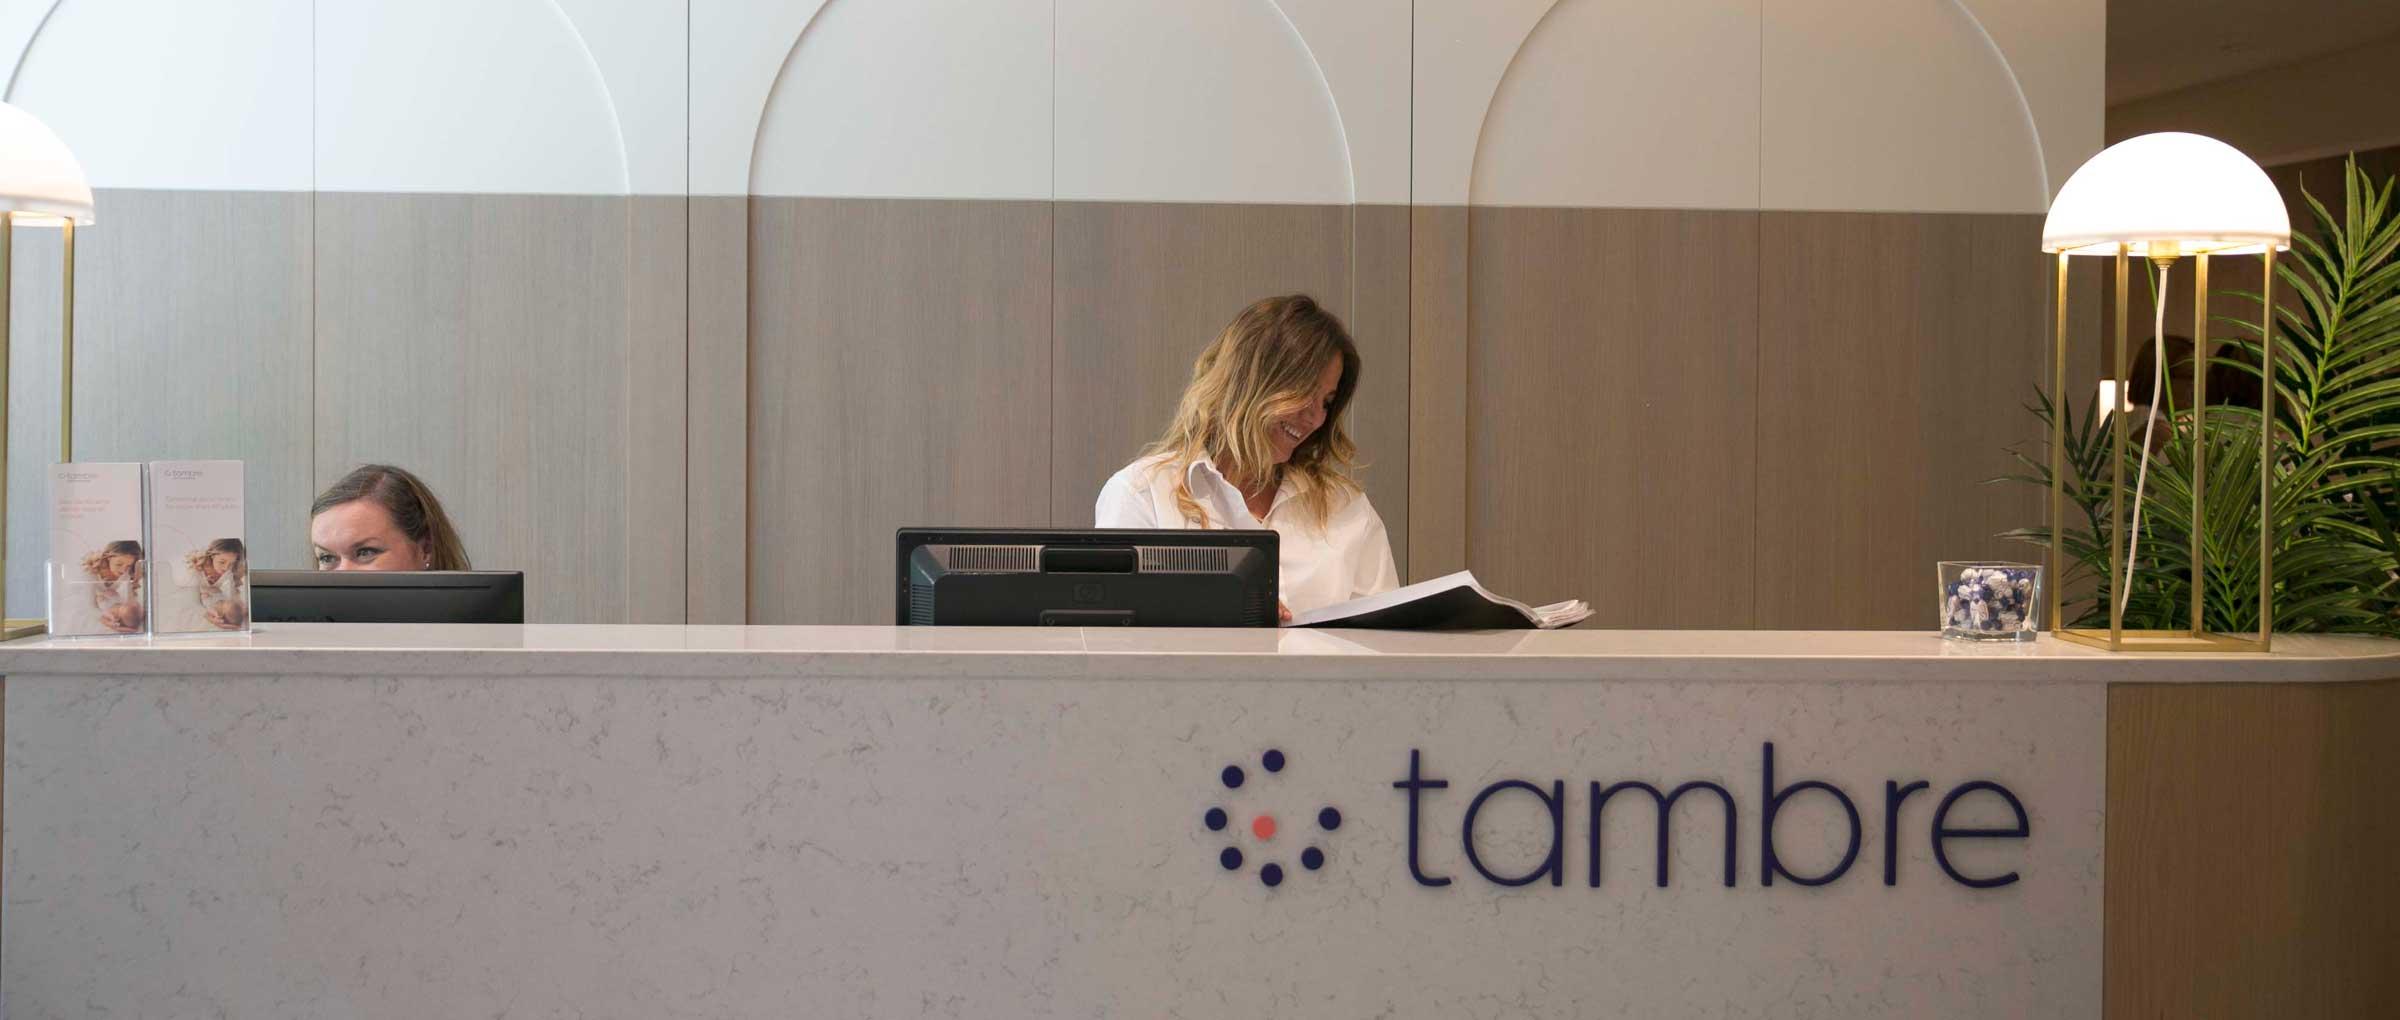 installacions clinica Tambre (1)